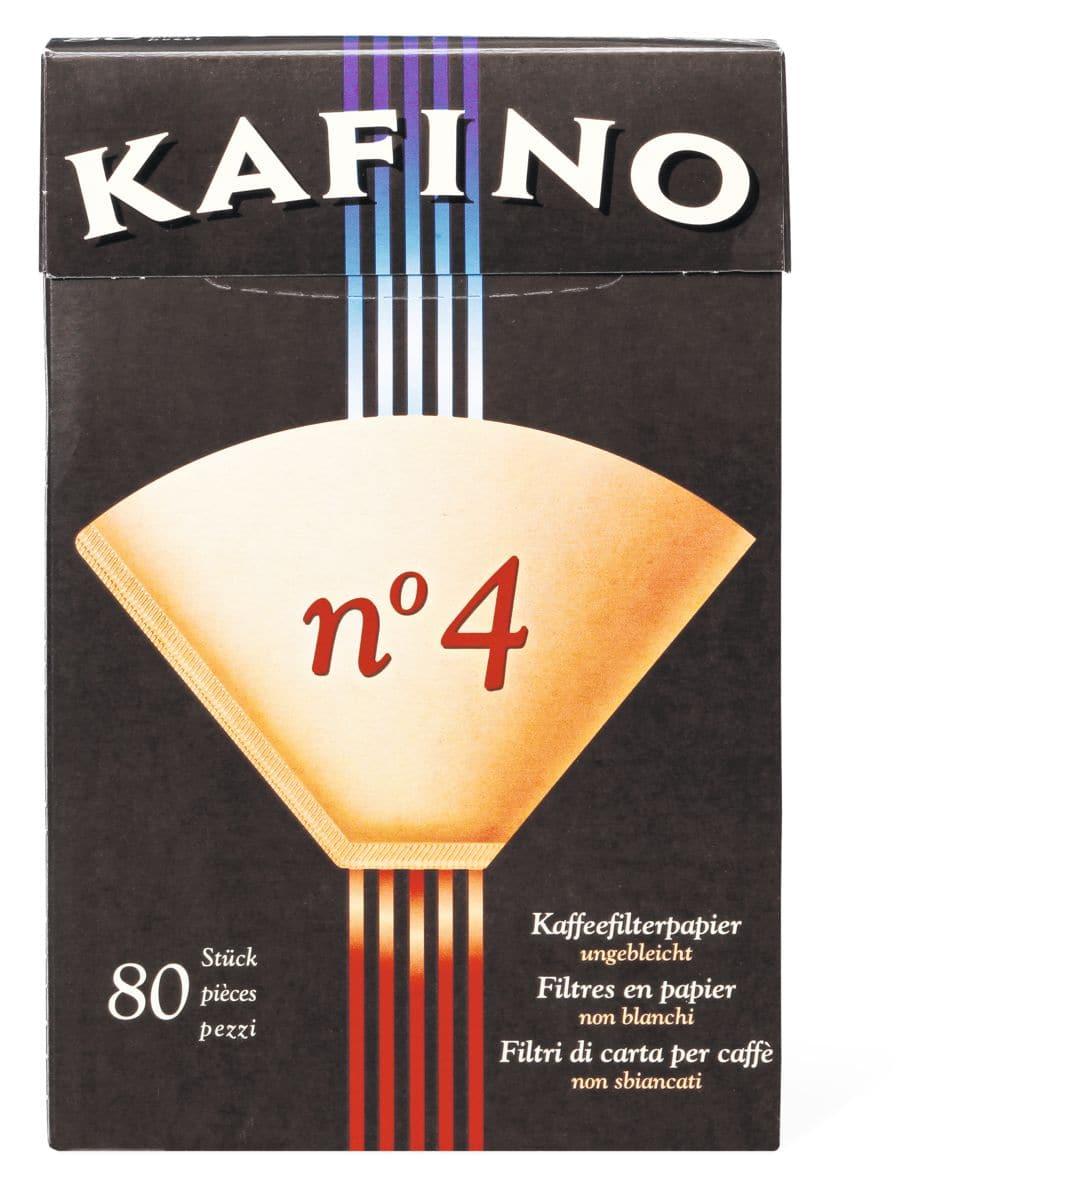 Kafino Kafino n°4 Filtres papier